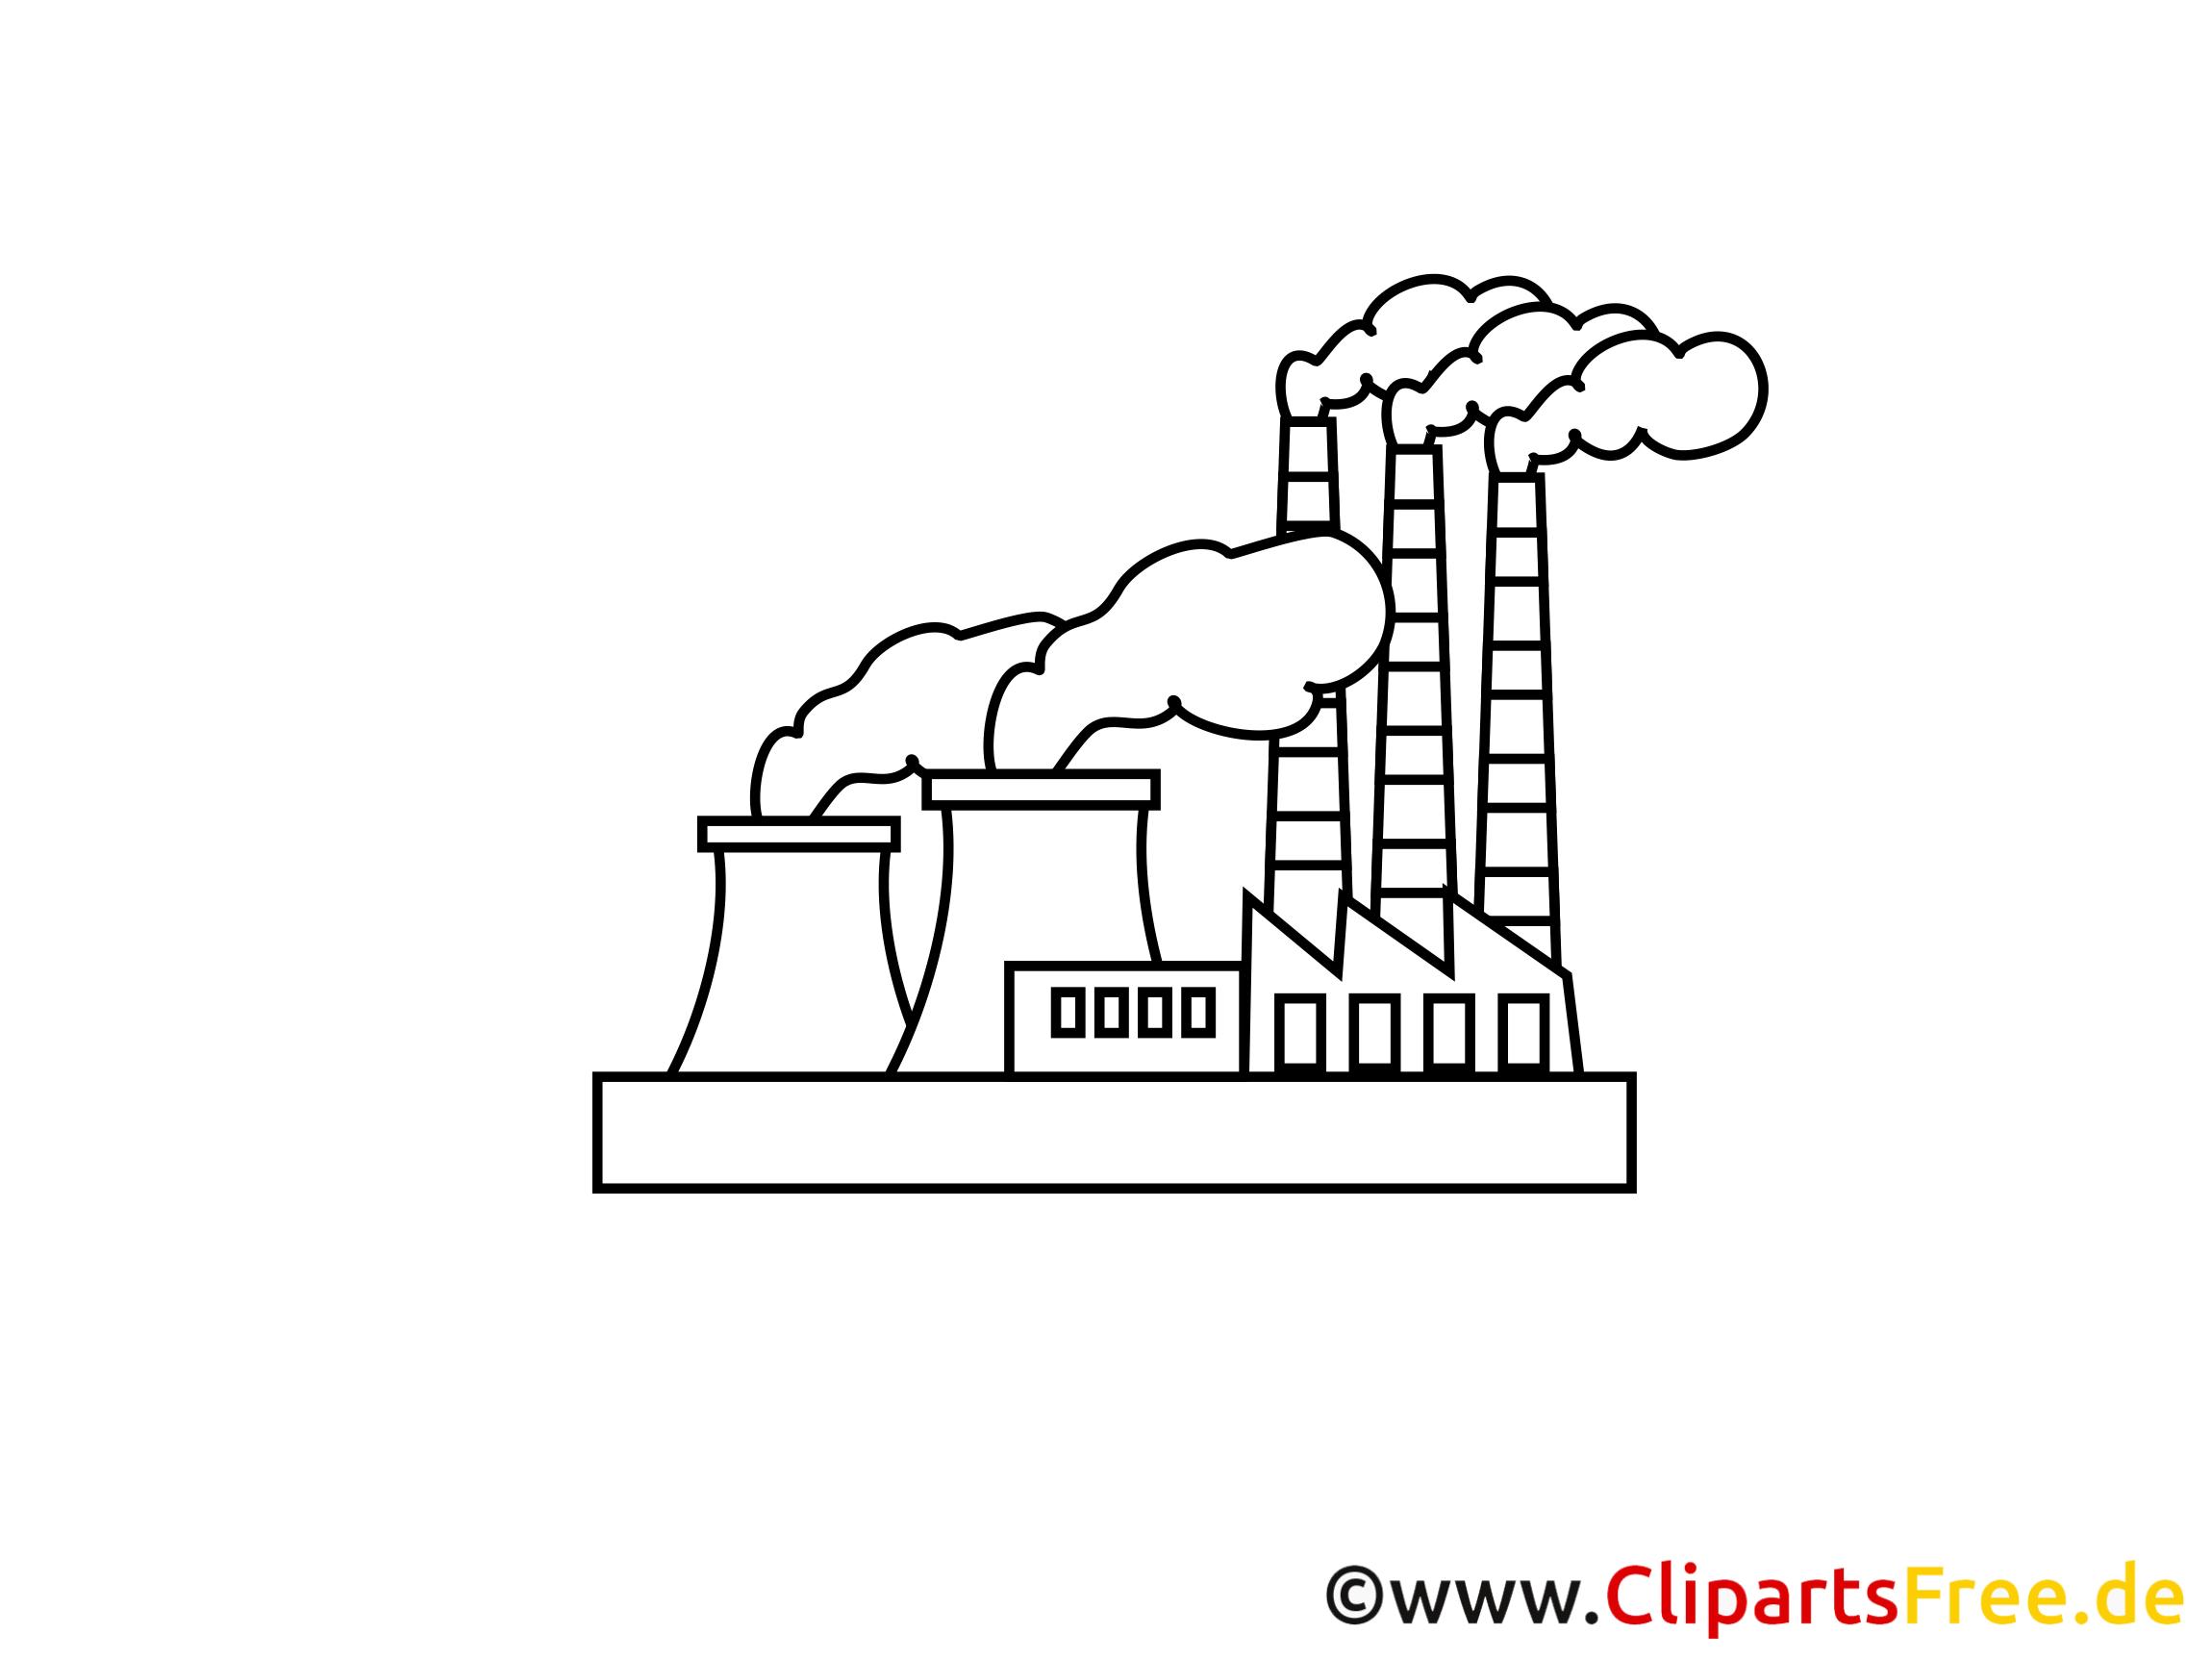 kraftwerk zeichnung  grafik  clipart  bild